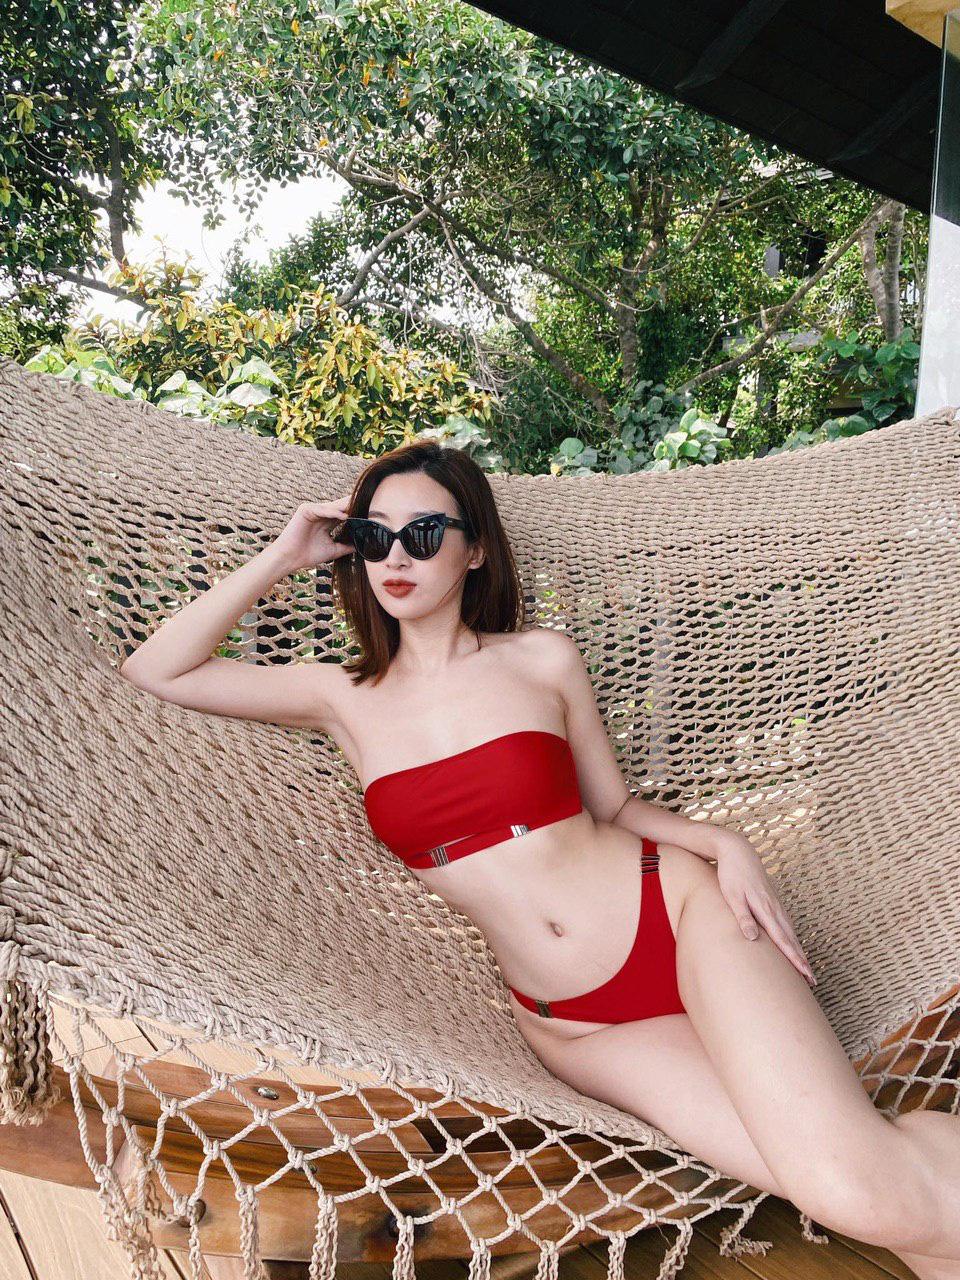 """Đỗ Mỹ Linh hiếm hoi mặc bikini quyến rũ hút mắt khiến dân mạng """"thổn thức"""" - Ảnh 1."""